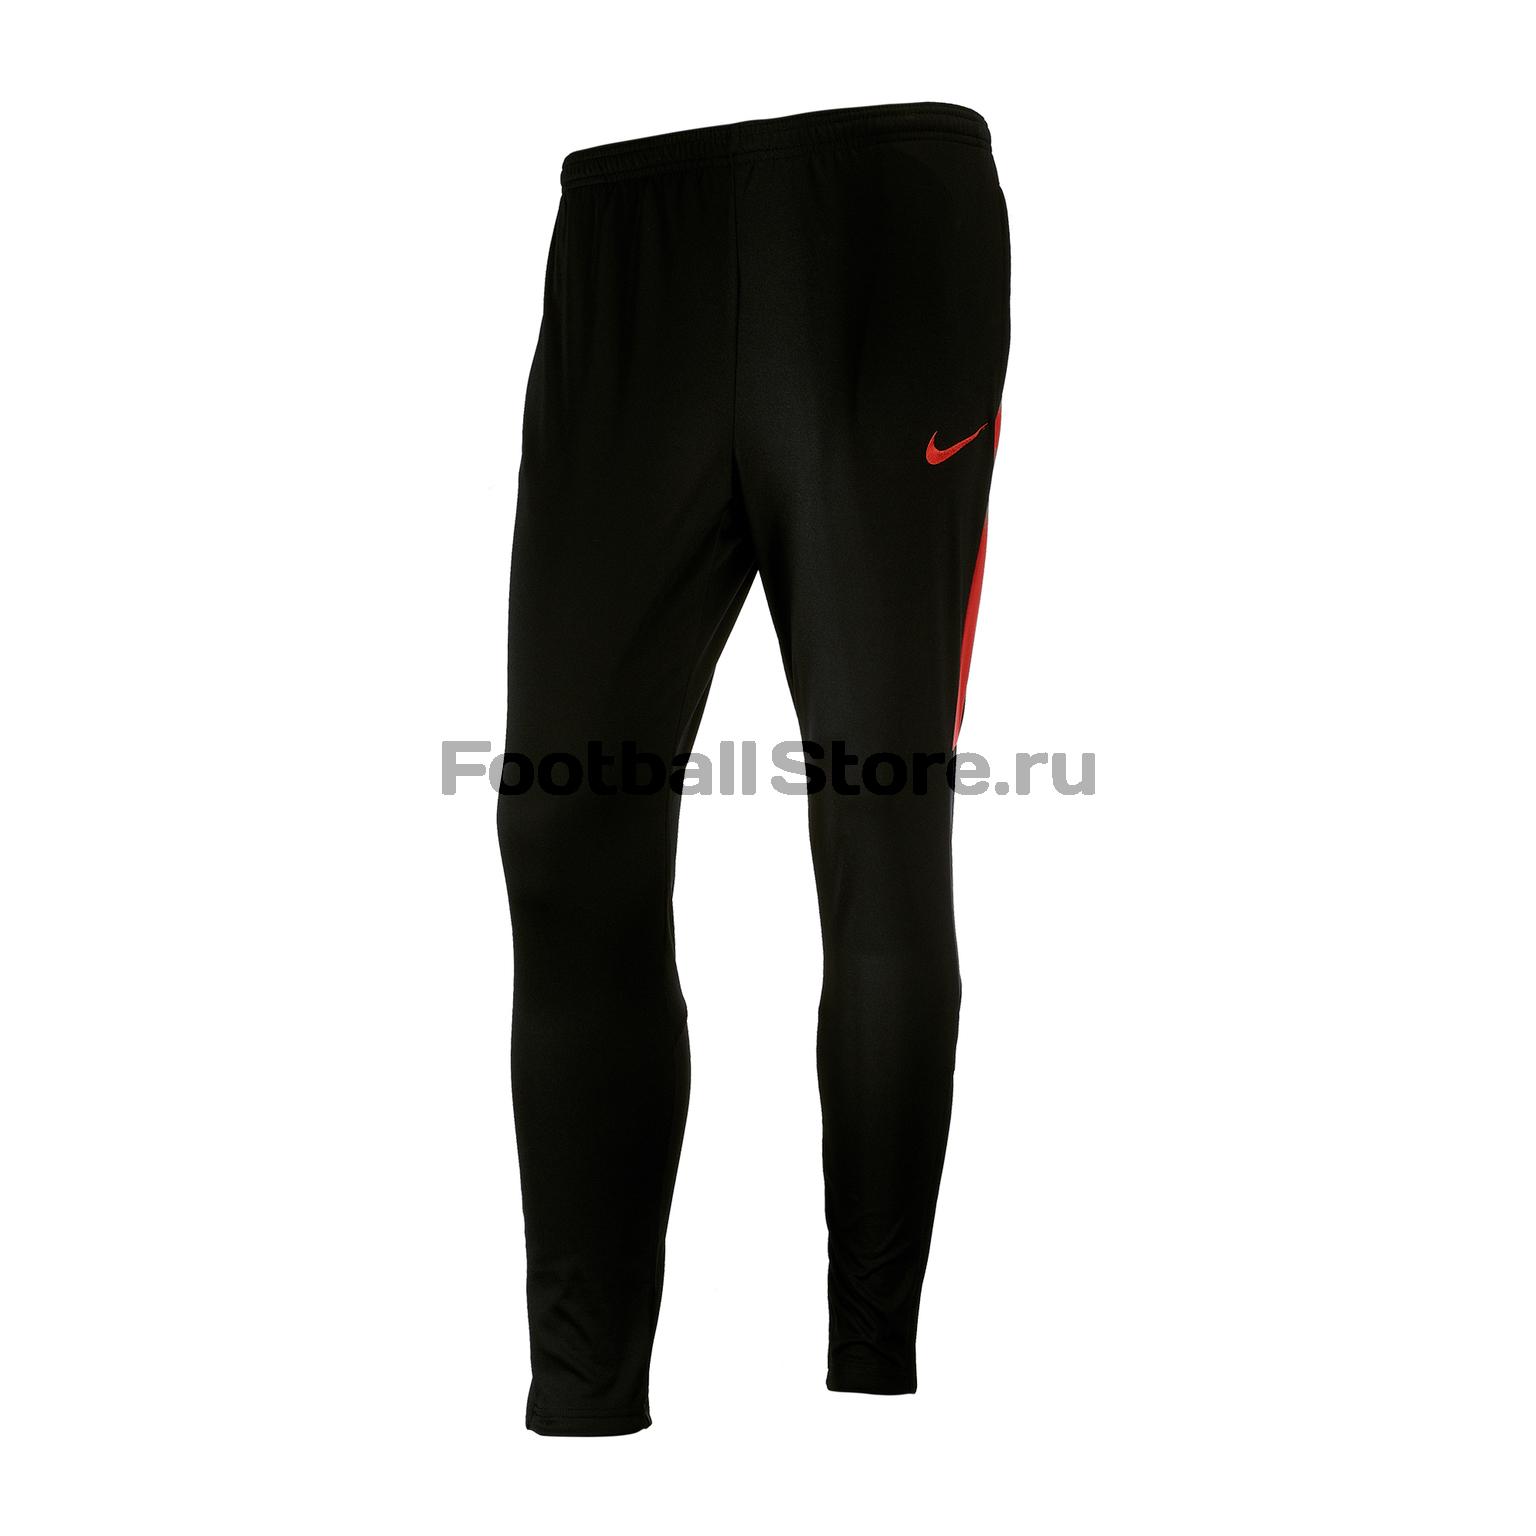 Брюки тренировочные Nike Dry Academy Pant 839363-025